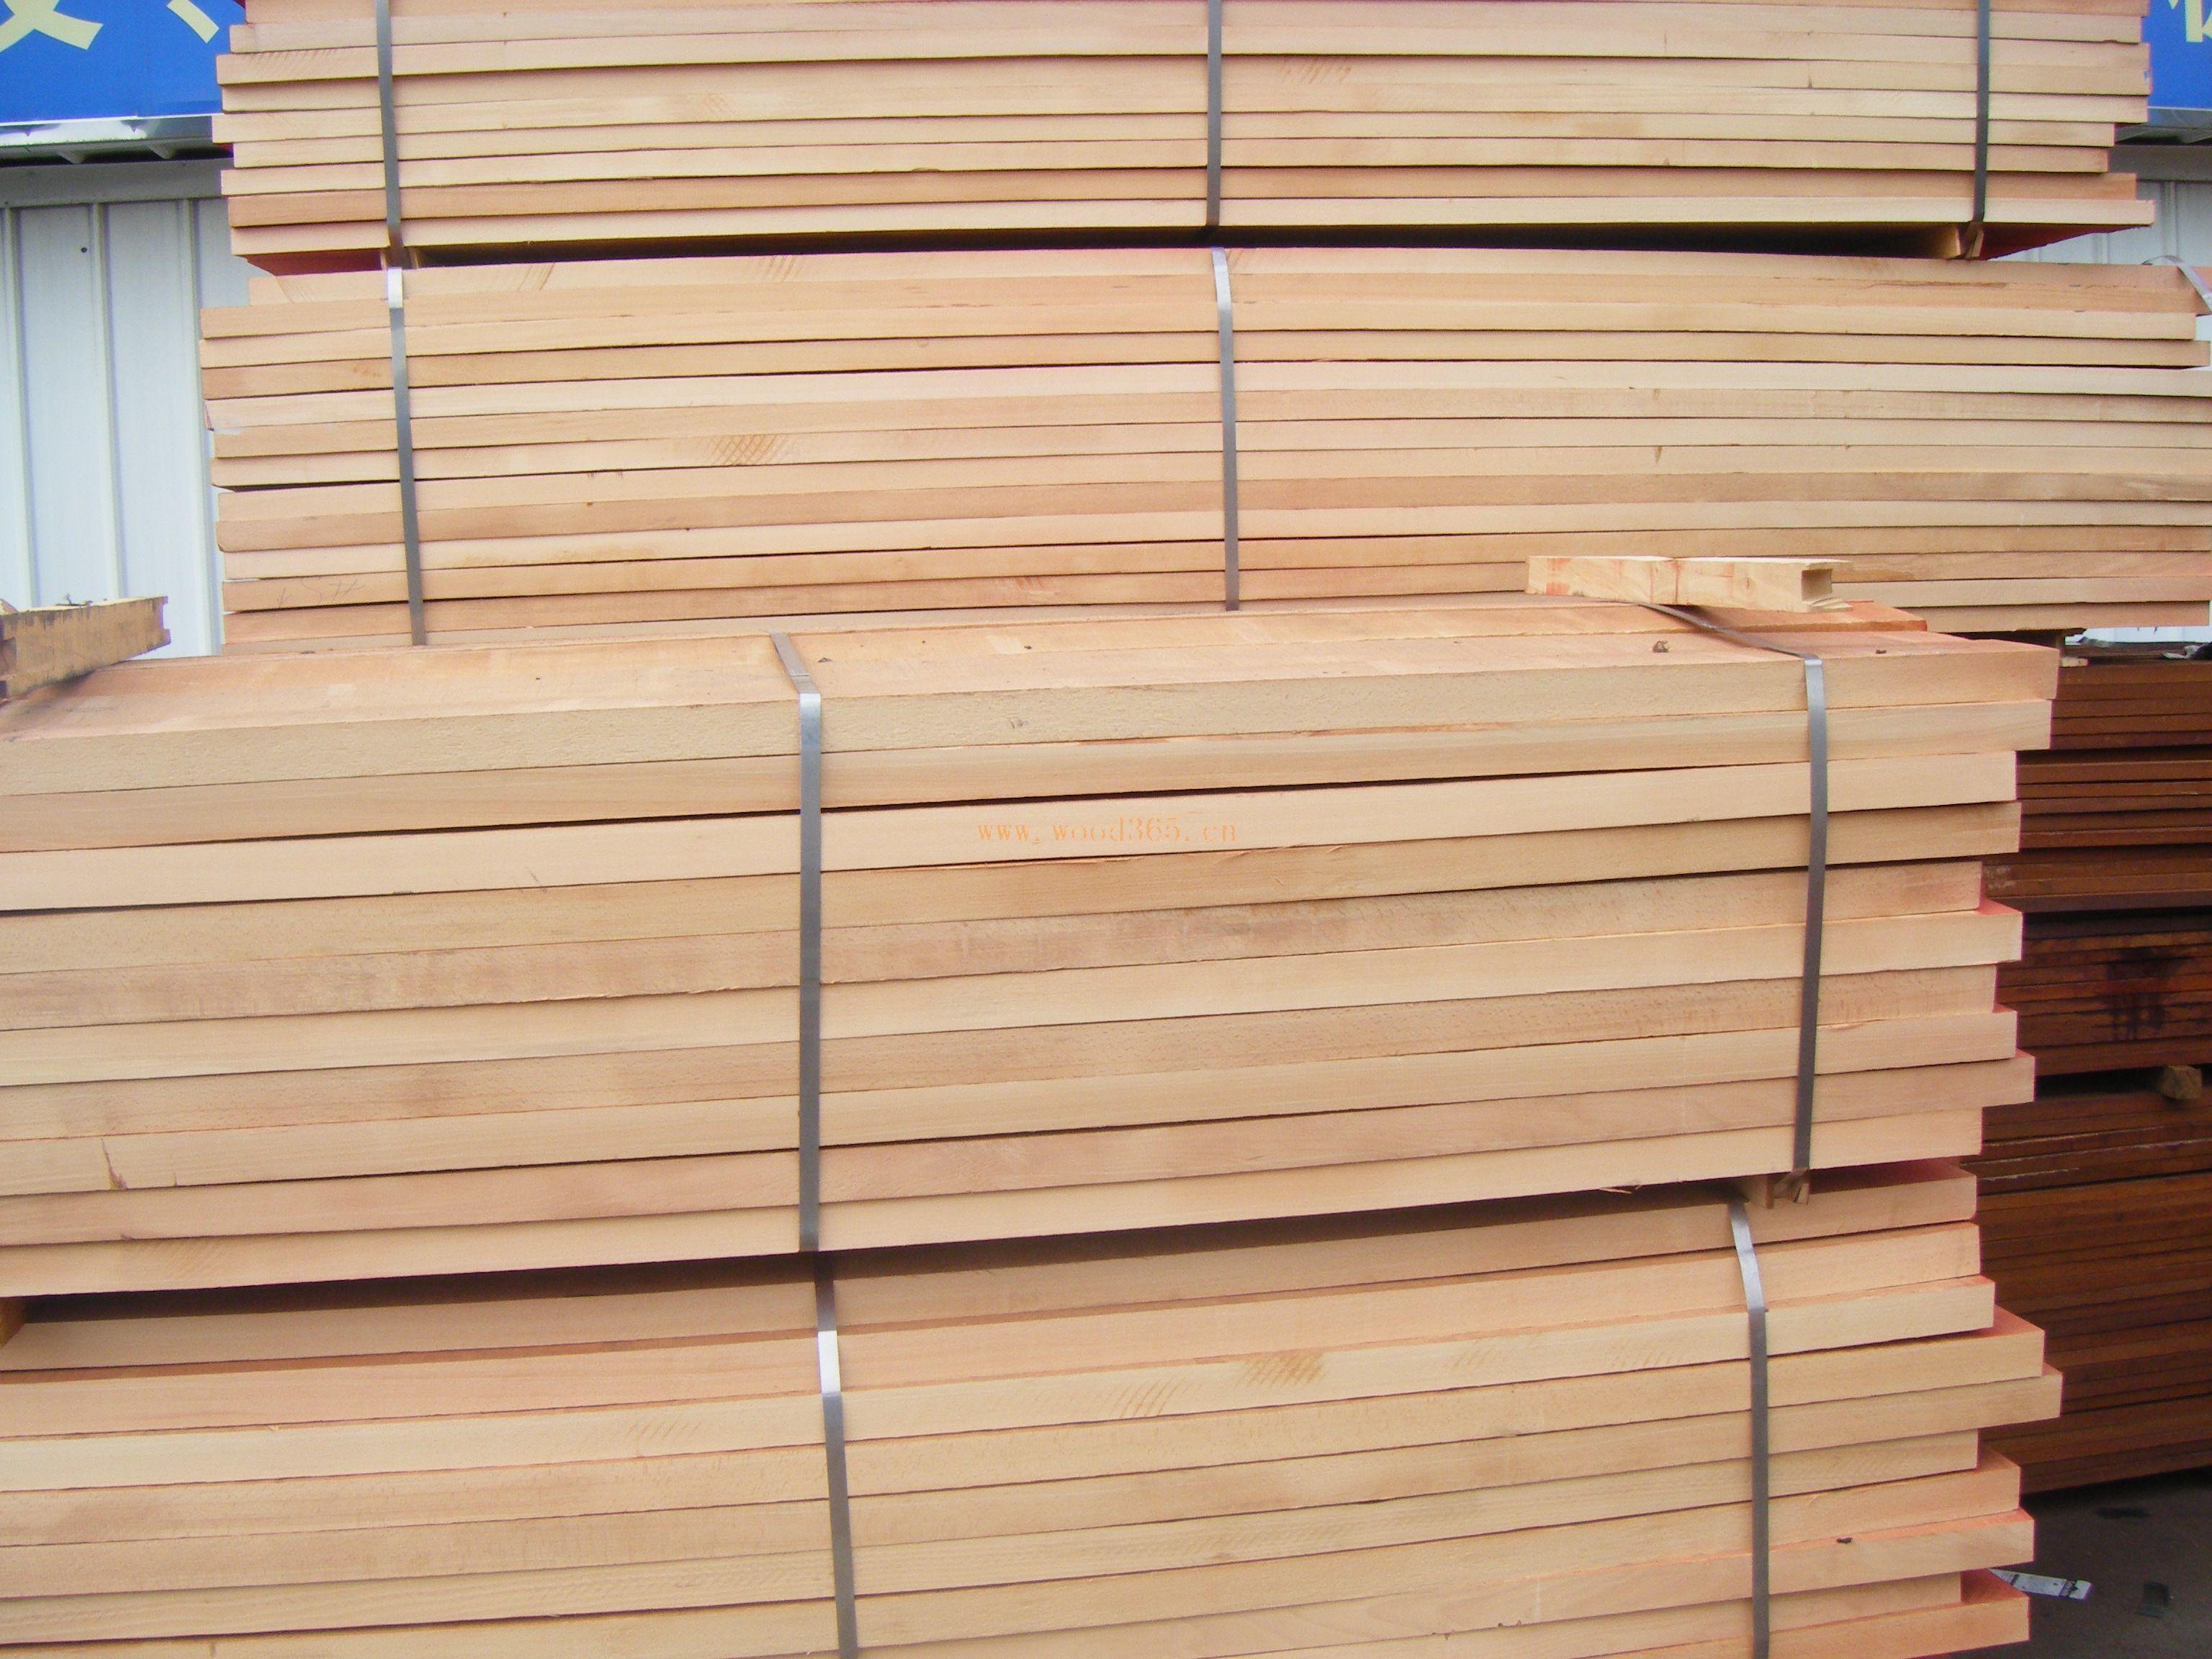 欧洲榉木板材 枫木 橡木 白栓(水曲柳)原木板材 白栓